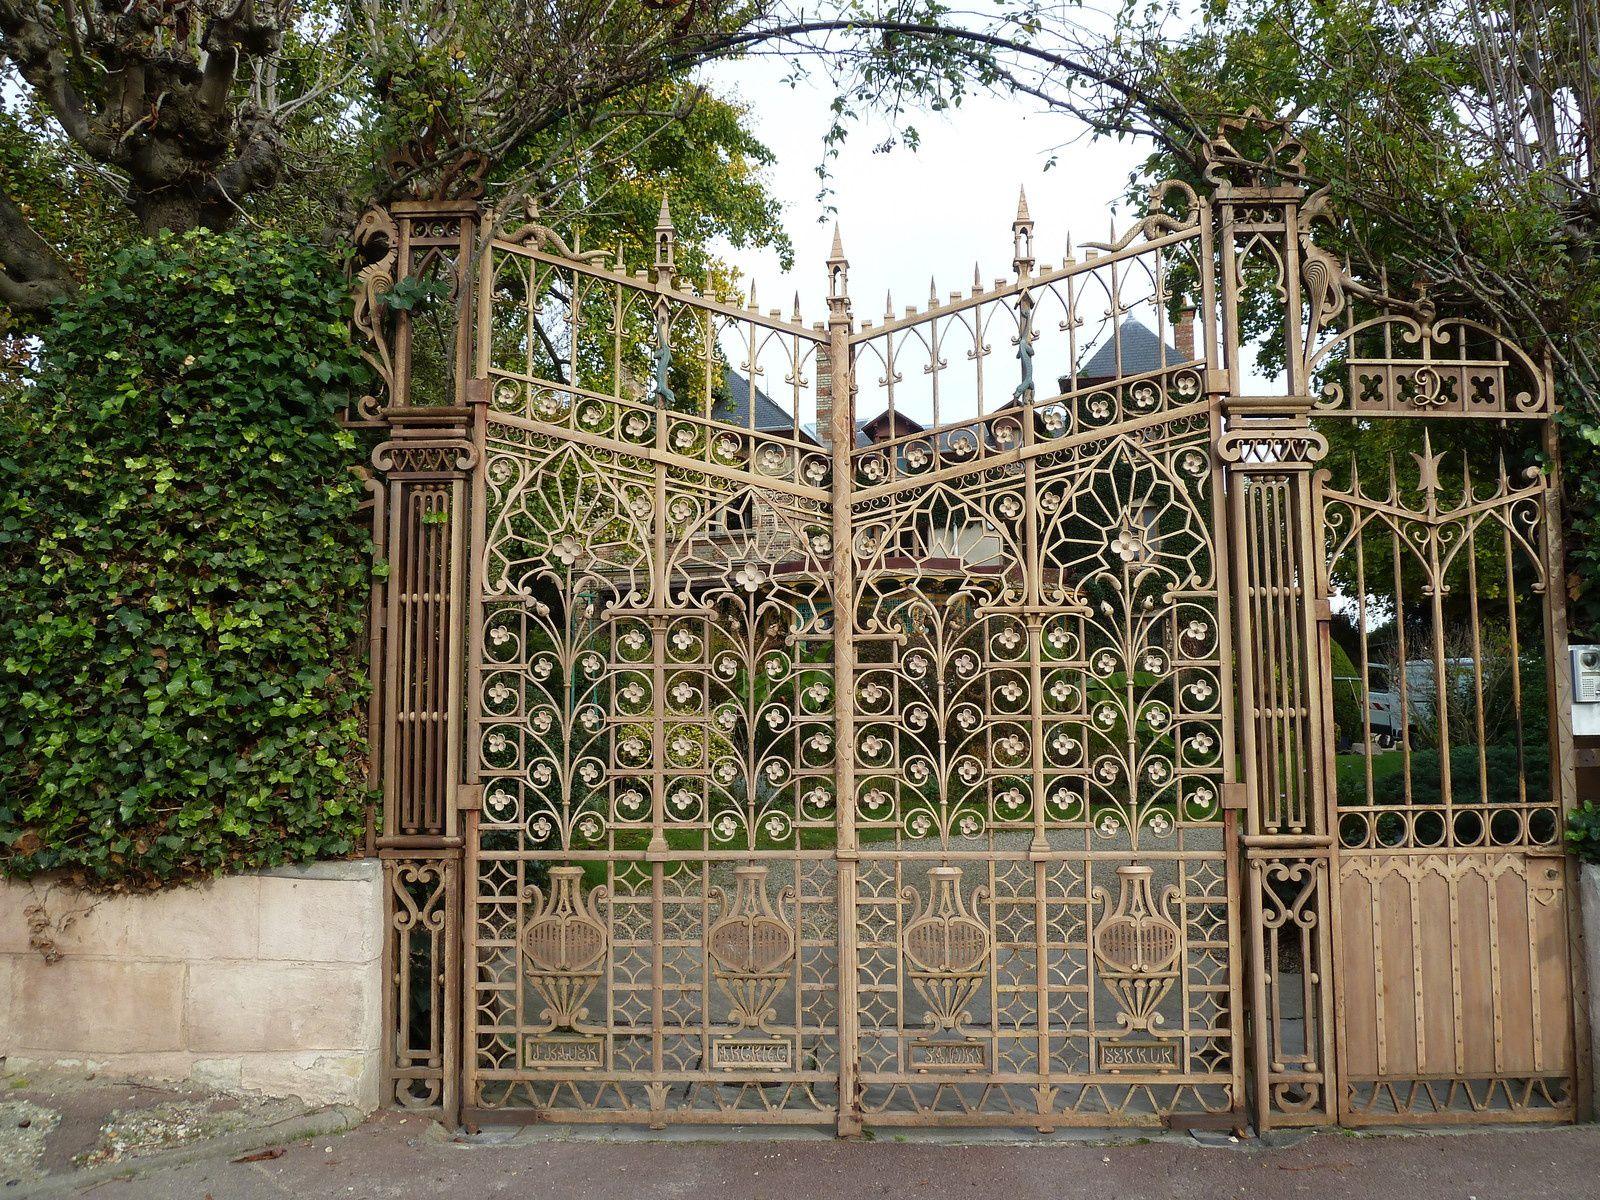 Un portail très travaillé cache une très belle propriété...